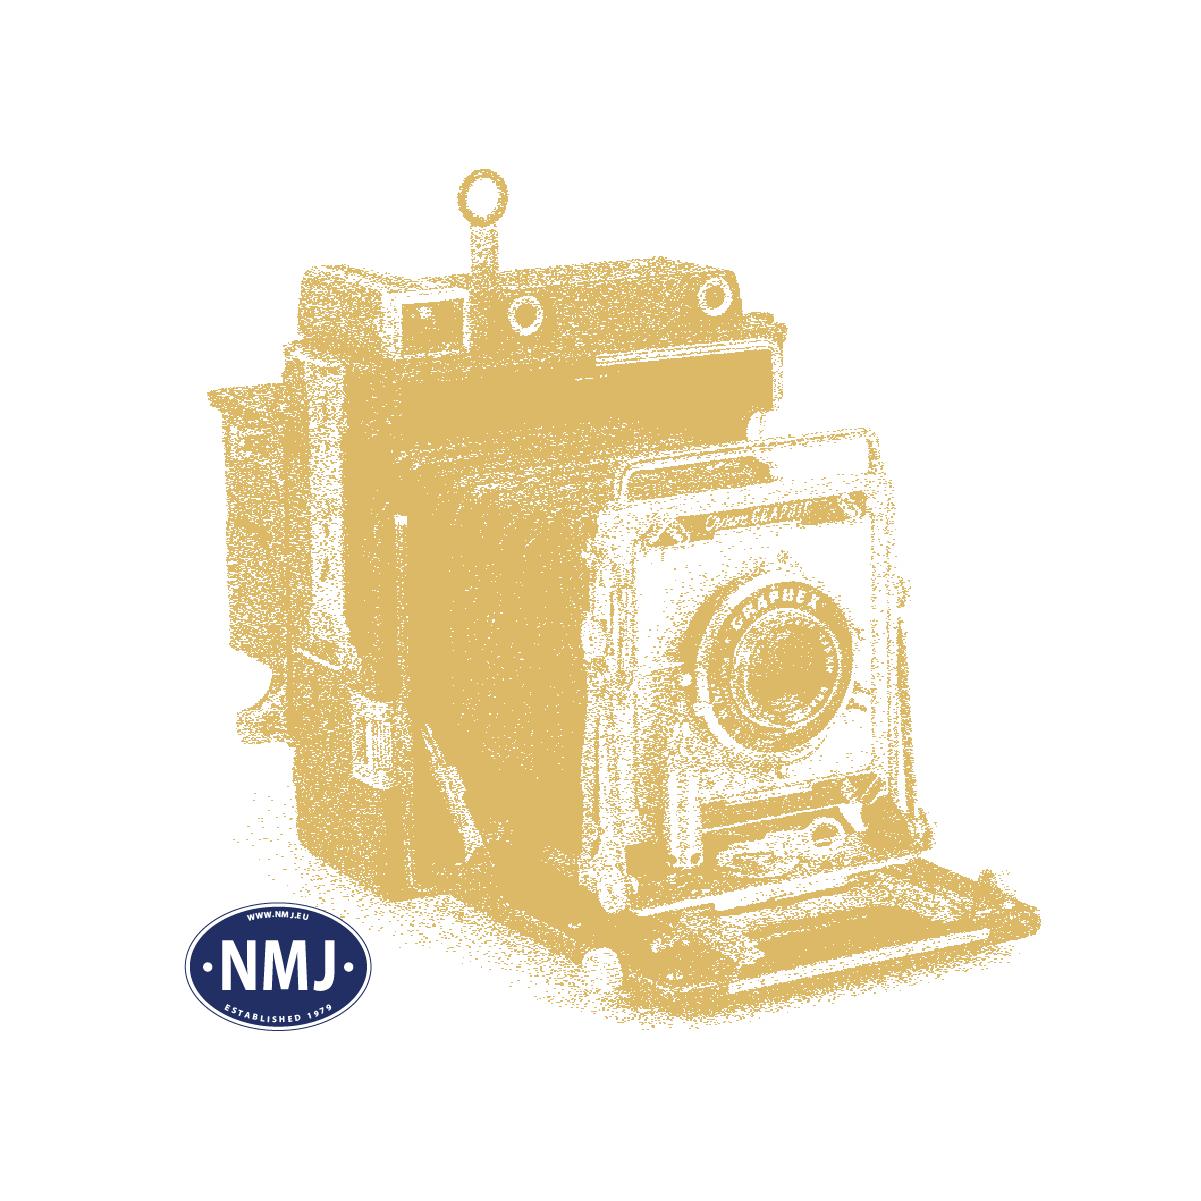 NMJT86.401AC - NMJ Togpakke: NSB El11 og 10 godsvogner, 1983 - 2002, AC Digital